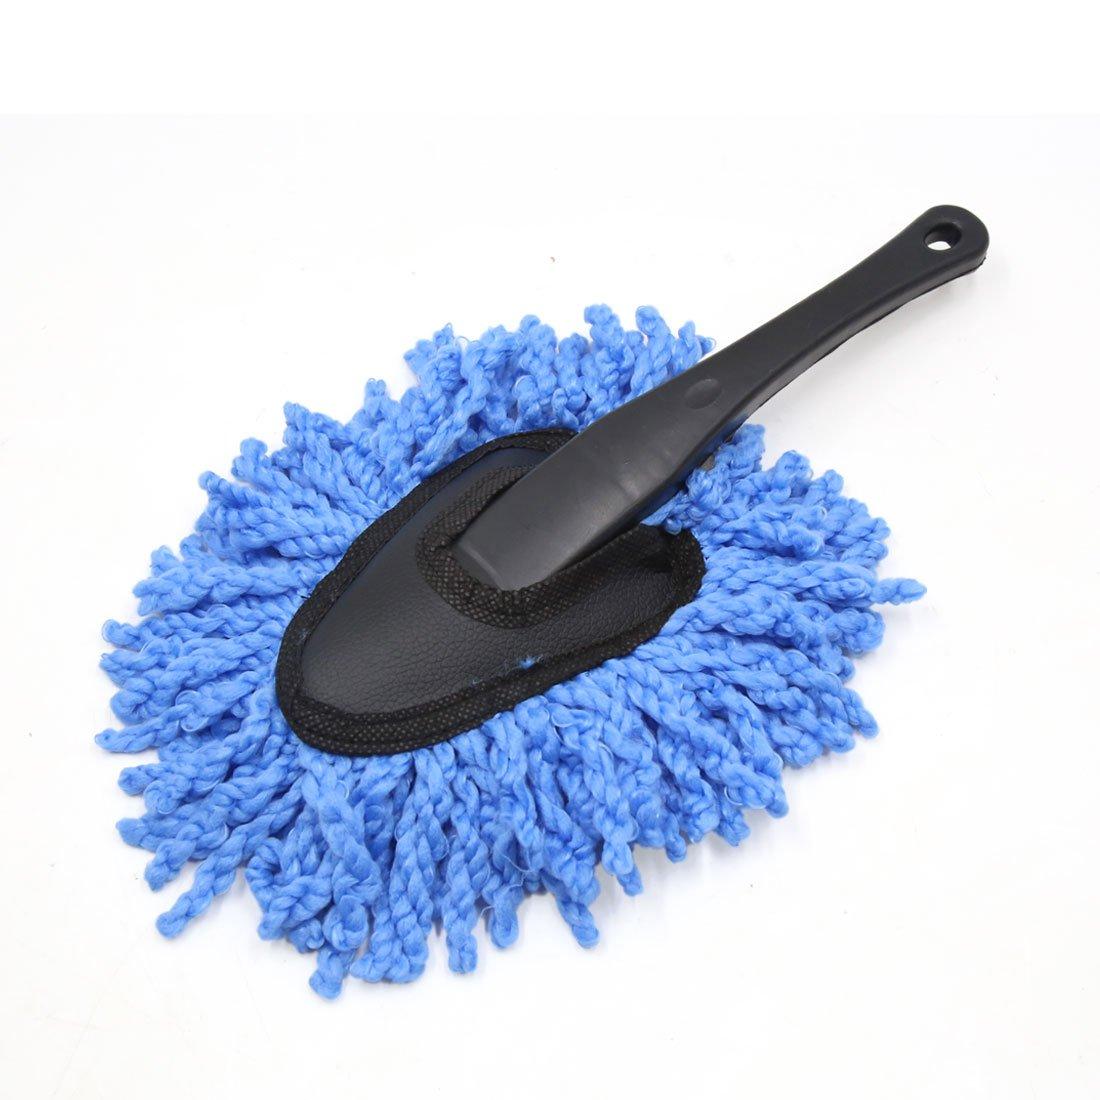 sourcingmap® Herramienta aferra el cepillo coche camión azul de microfibra plumero Quitar el polvo colada de la limpieza a17030900ux0286